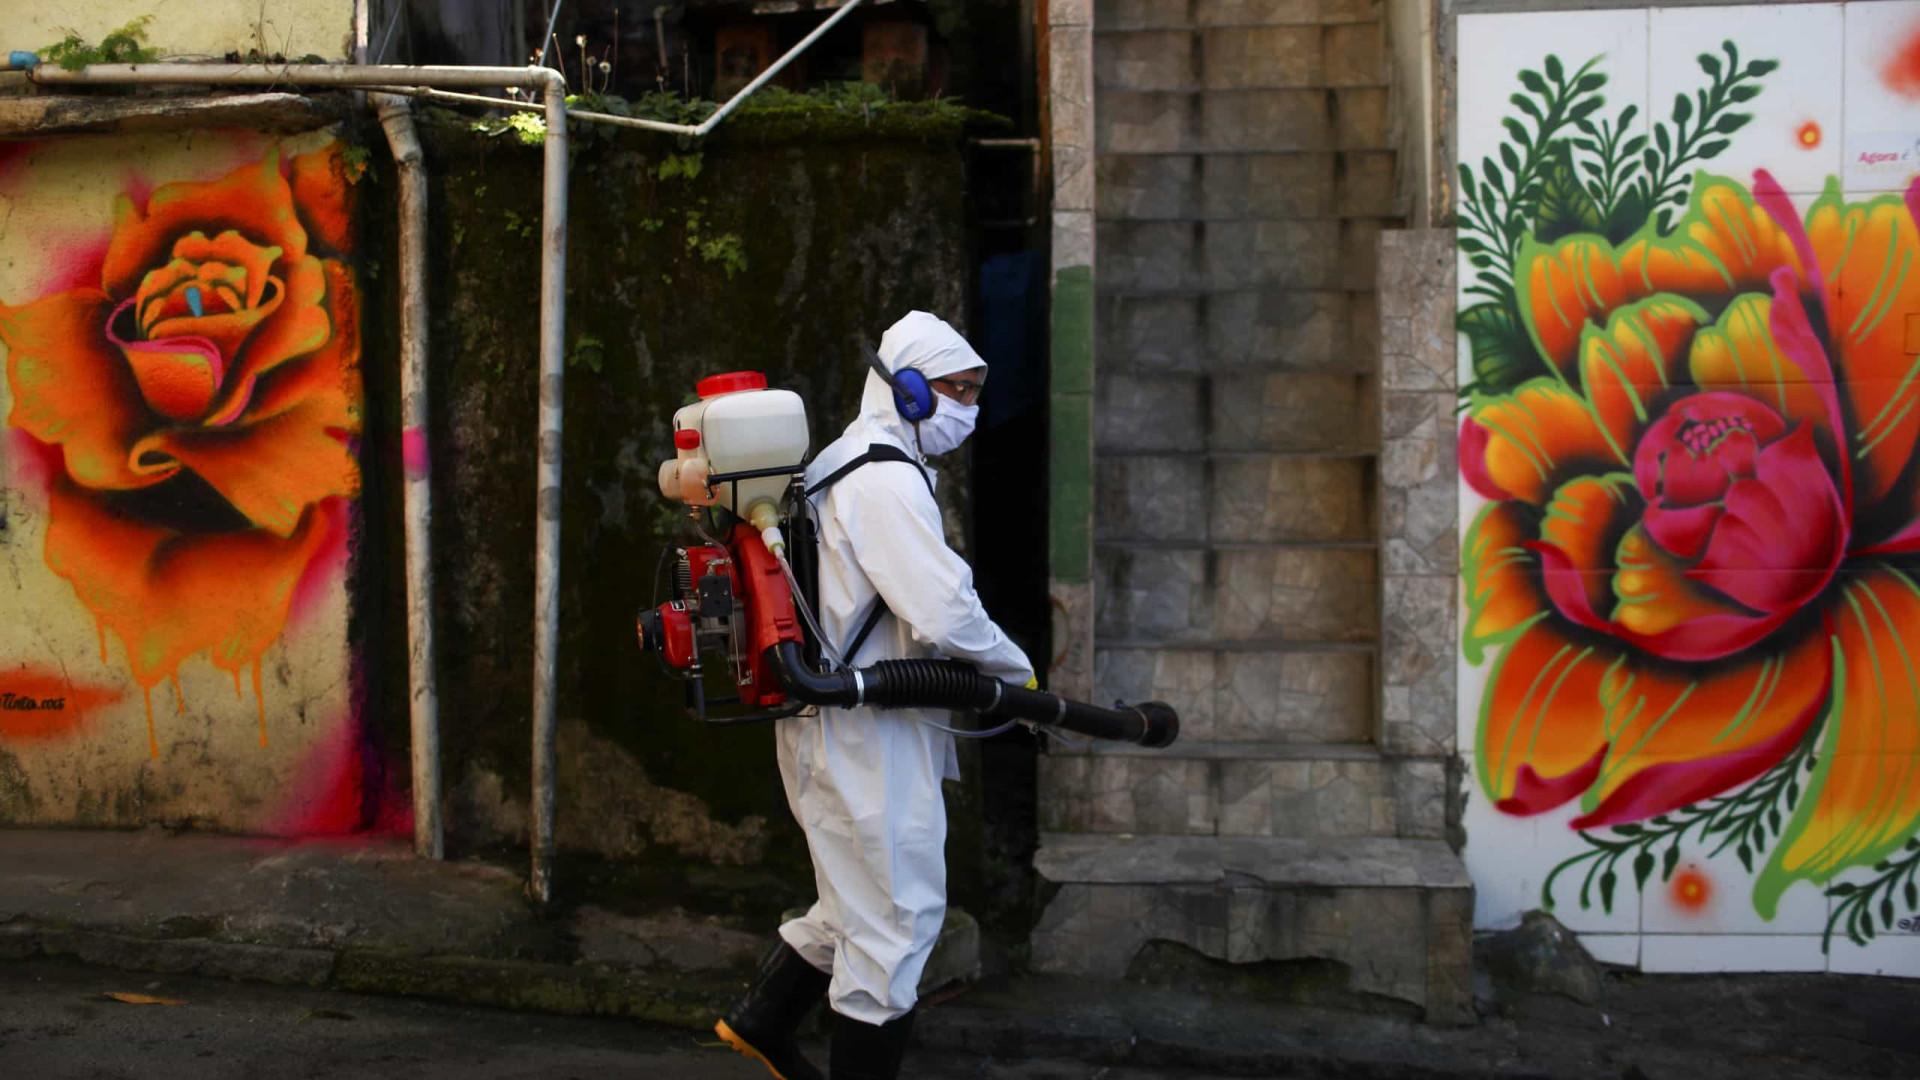 Covid-19: Brasil registra mais 45.403 casos e ultrapassa os 2 milhões